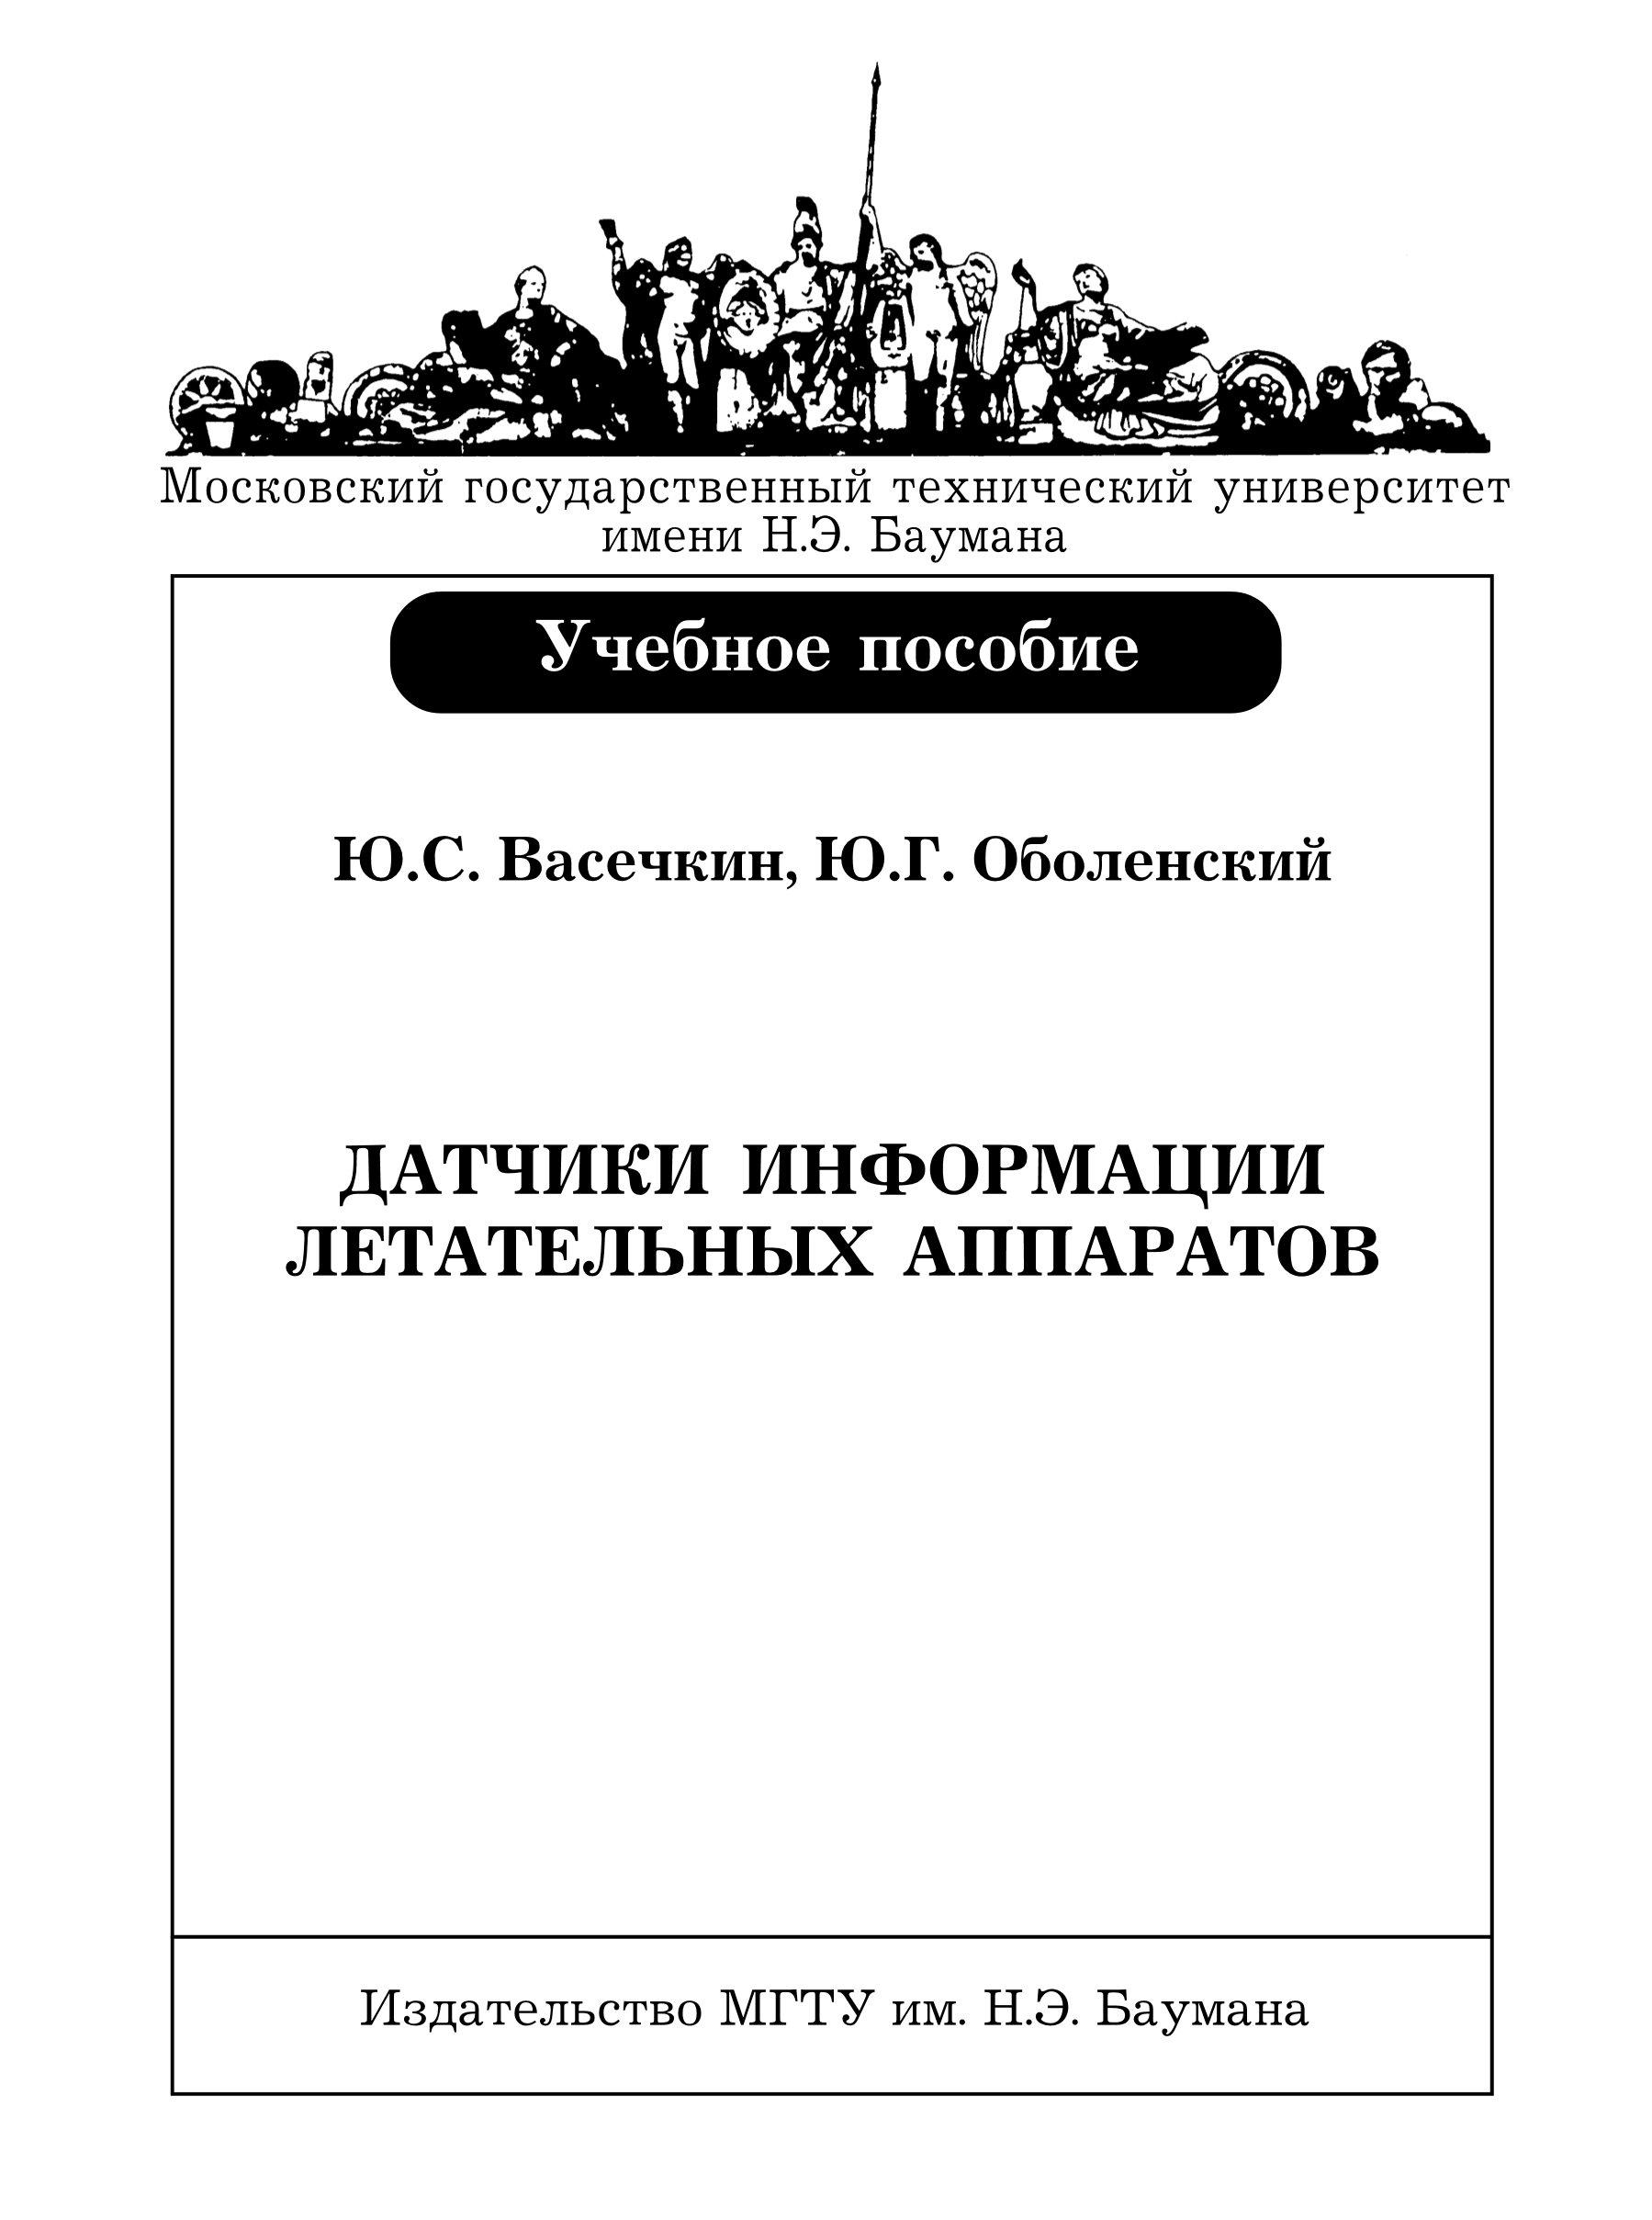 Юрий Васечкин Датчики информации летательных аппаратов